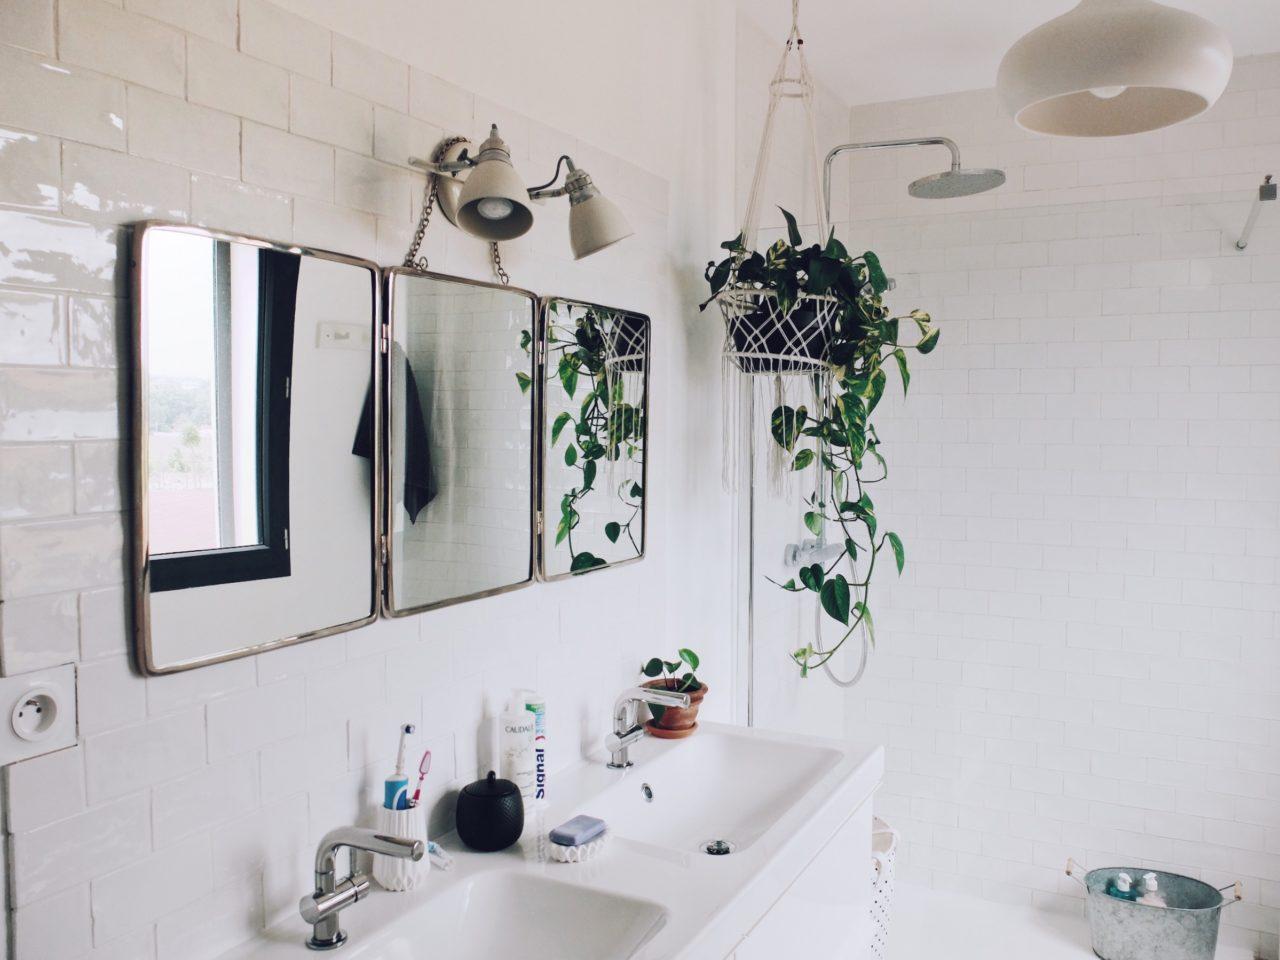 Construction maison : comment on a aménagé la salle de bain - Zess ...